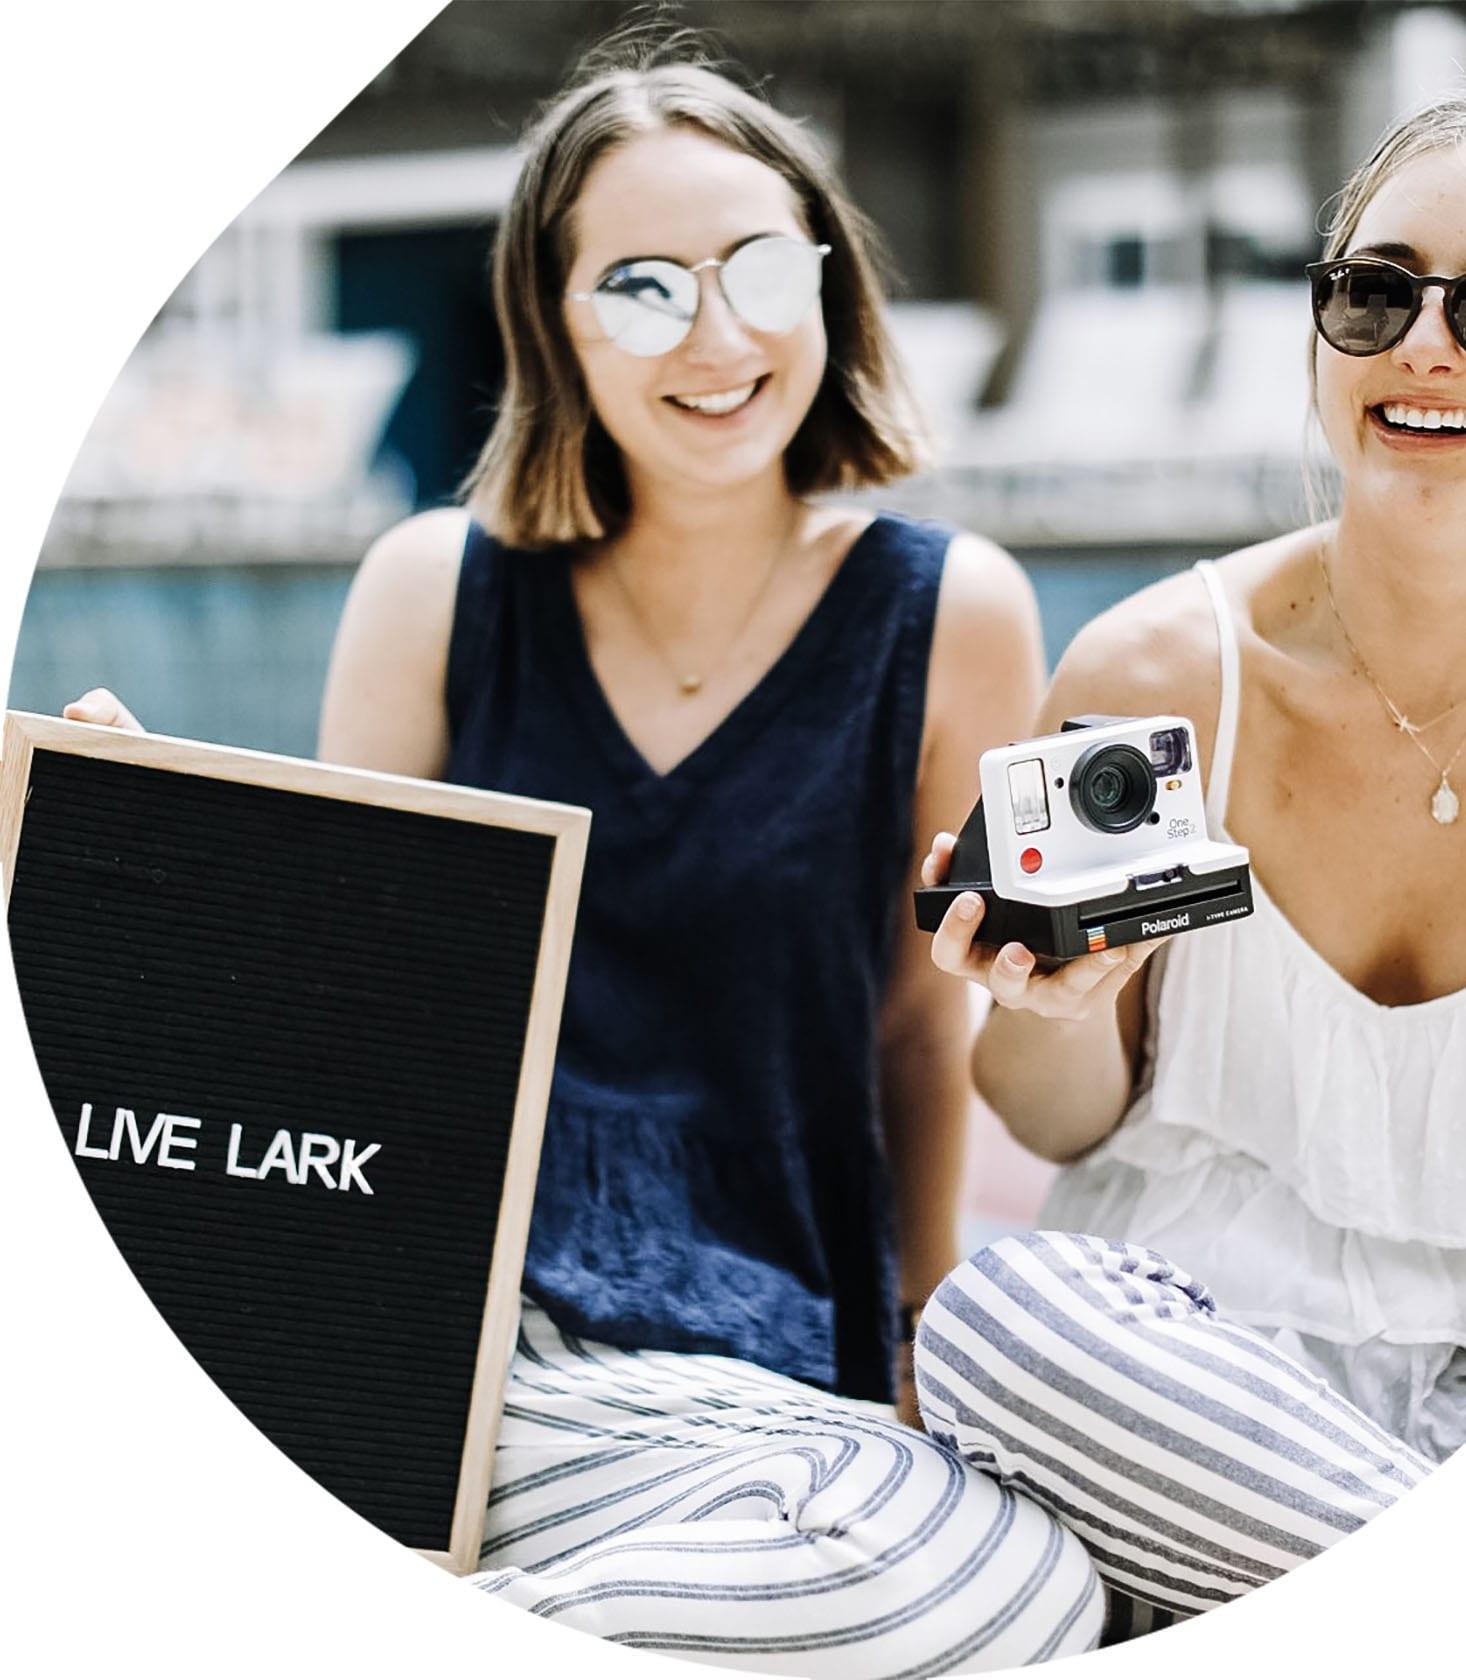 Let's Get Social At Lark